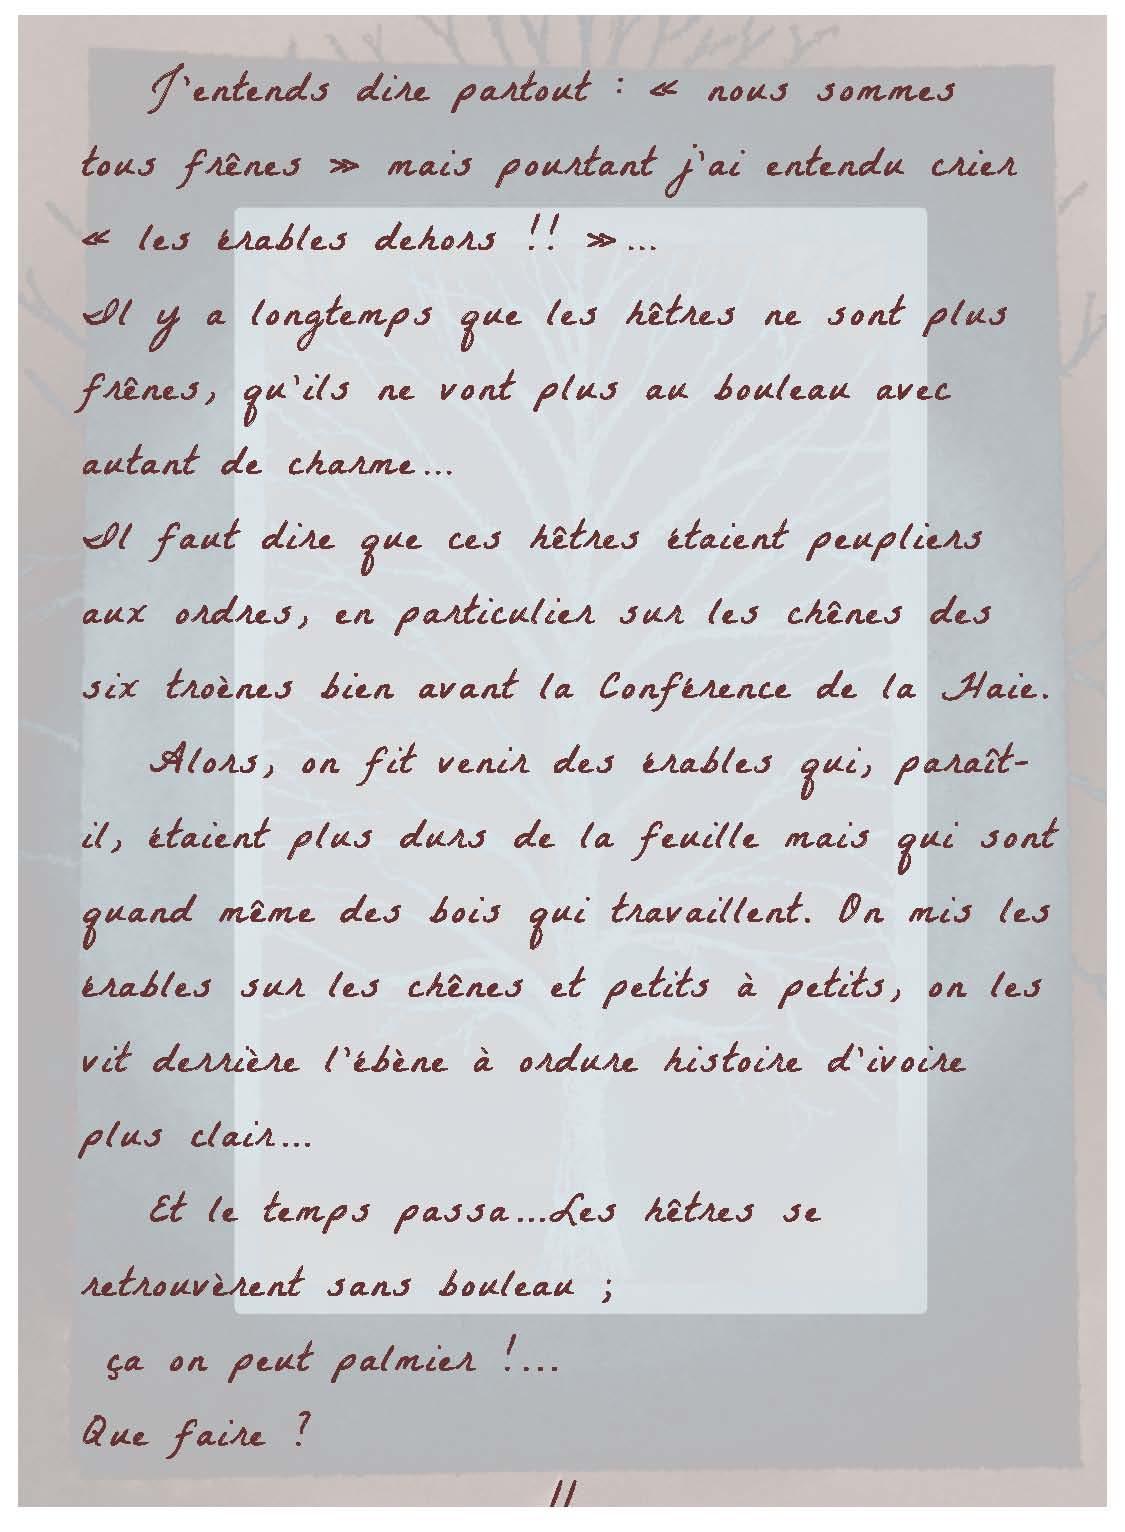 Lettre D'adieu à Sa Famille : lettre, d'adieu, famille, Lettre, D'adieu, Quercus, Bipèdes, Humanoïdes, Lutineries, ADAMS